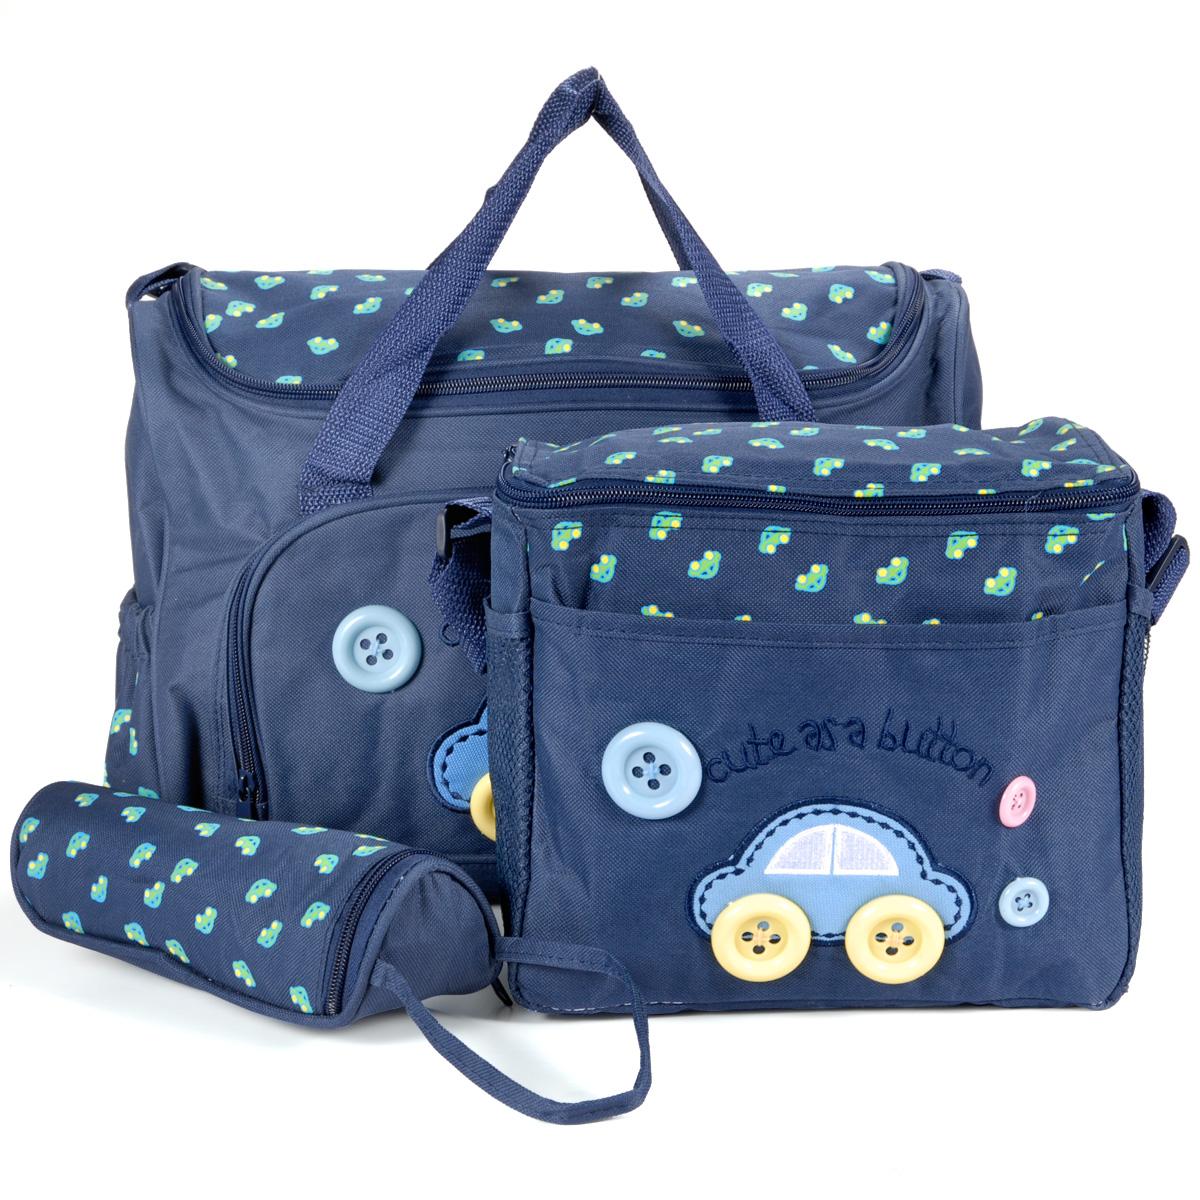 c623530c4 Set 4 kits Bolsa/Bolsillo/Bolso Maternal Azul oscuro biberón carro carrito  para Bebé